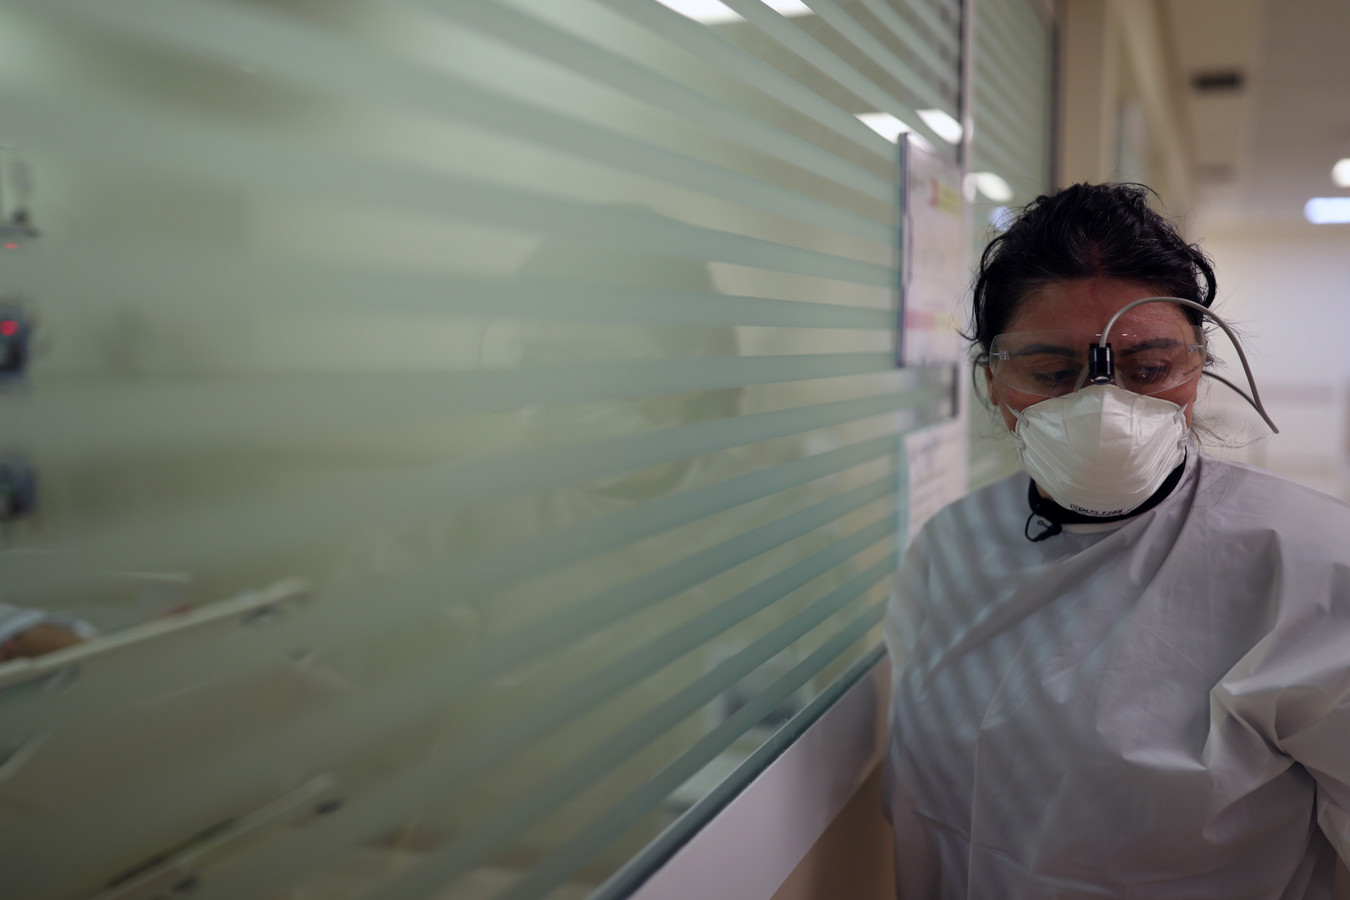 Les moins de quarante ans contaminés par le coronavirus en soins intensifs, désormais au nombre de plus de 11.000, sont devenus majoritaires (52,2%) au mois de mars, a dit le coordinateur de l'étude de l'AMIB, le Dr Ederlon Rezende.